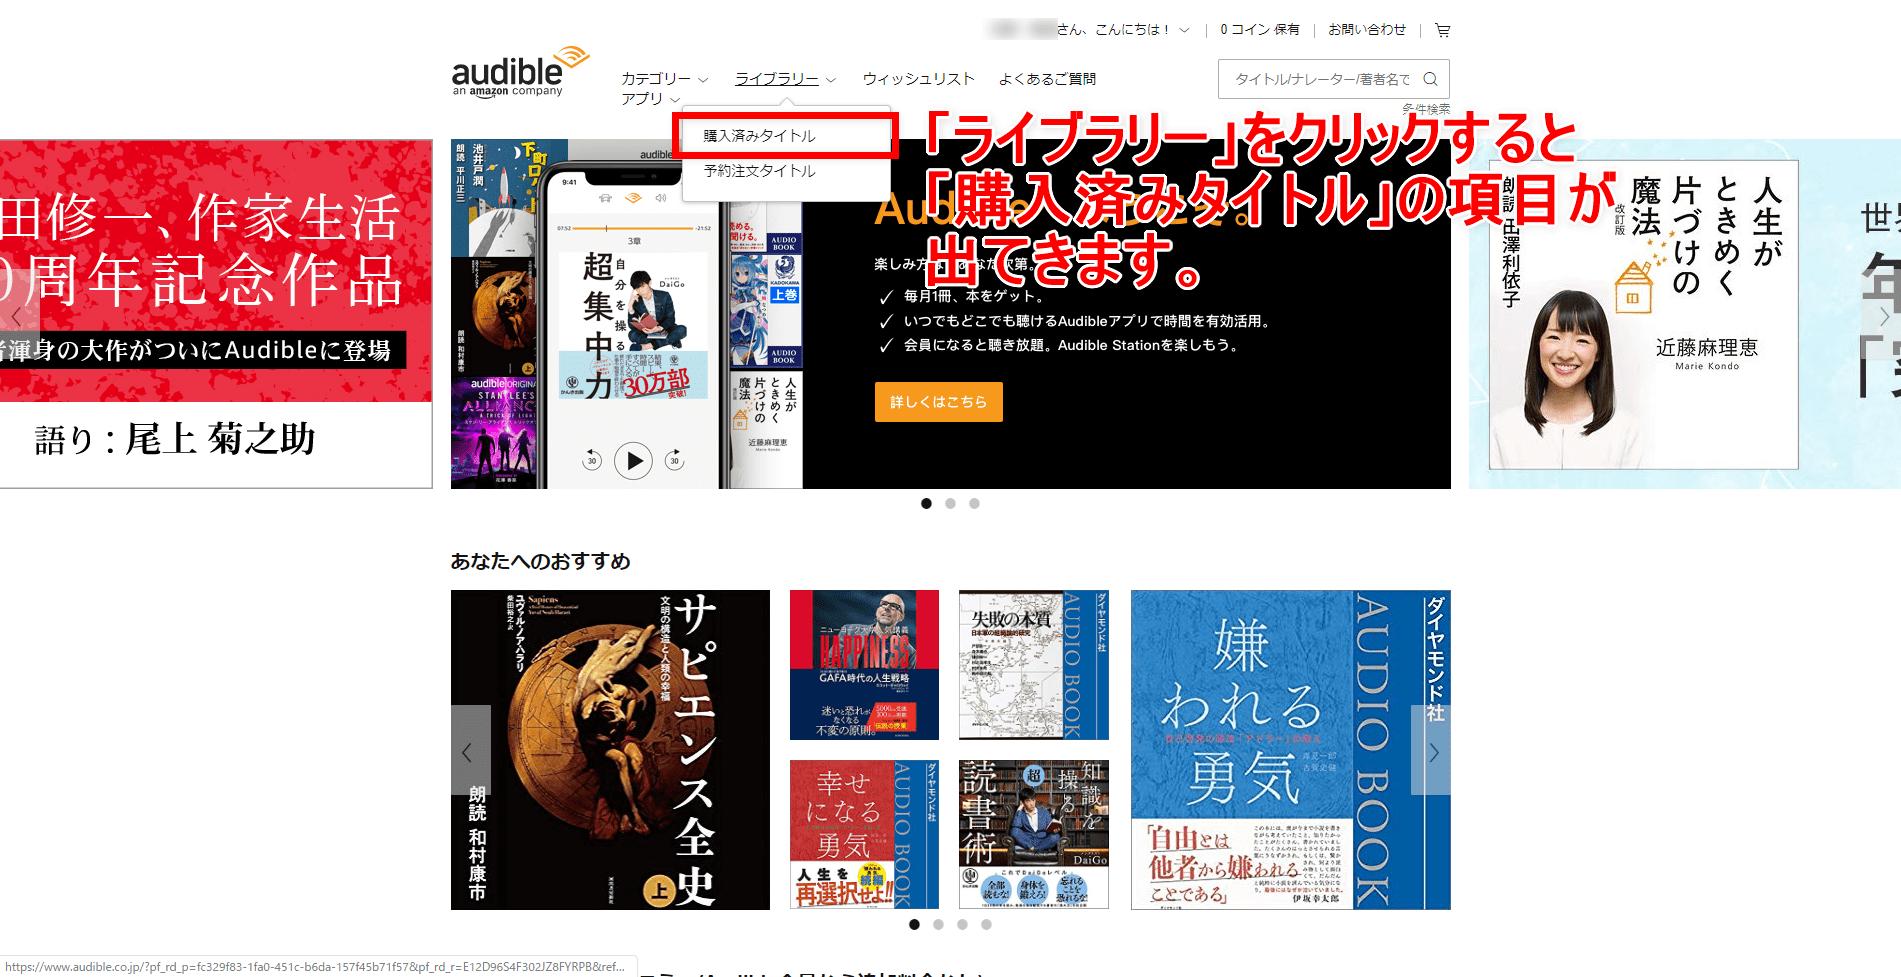 【アマゾンオーディブルおすすめ活用術】ボイスブックは外部保存してスマホで聴ける!返品・解約後もずっと聴けるアマゾンオーディブルの使い方【超保存版】|パソコンに保存する手順:オーディブル公式サイトにアクセスしたら、ページ上部のメニュー「ライブラリー」から「購入済みタイトル」をクリックしましょう。